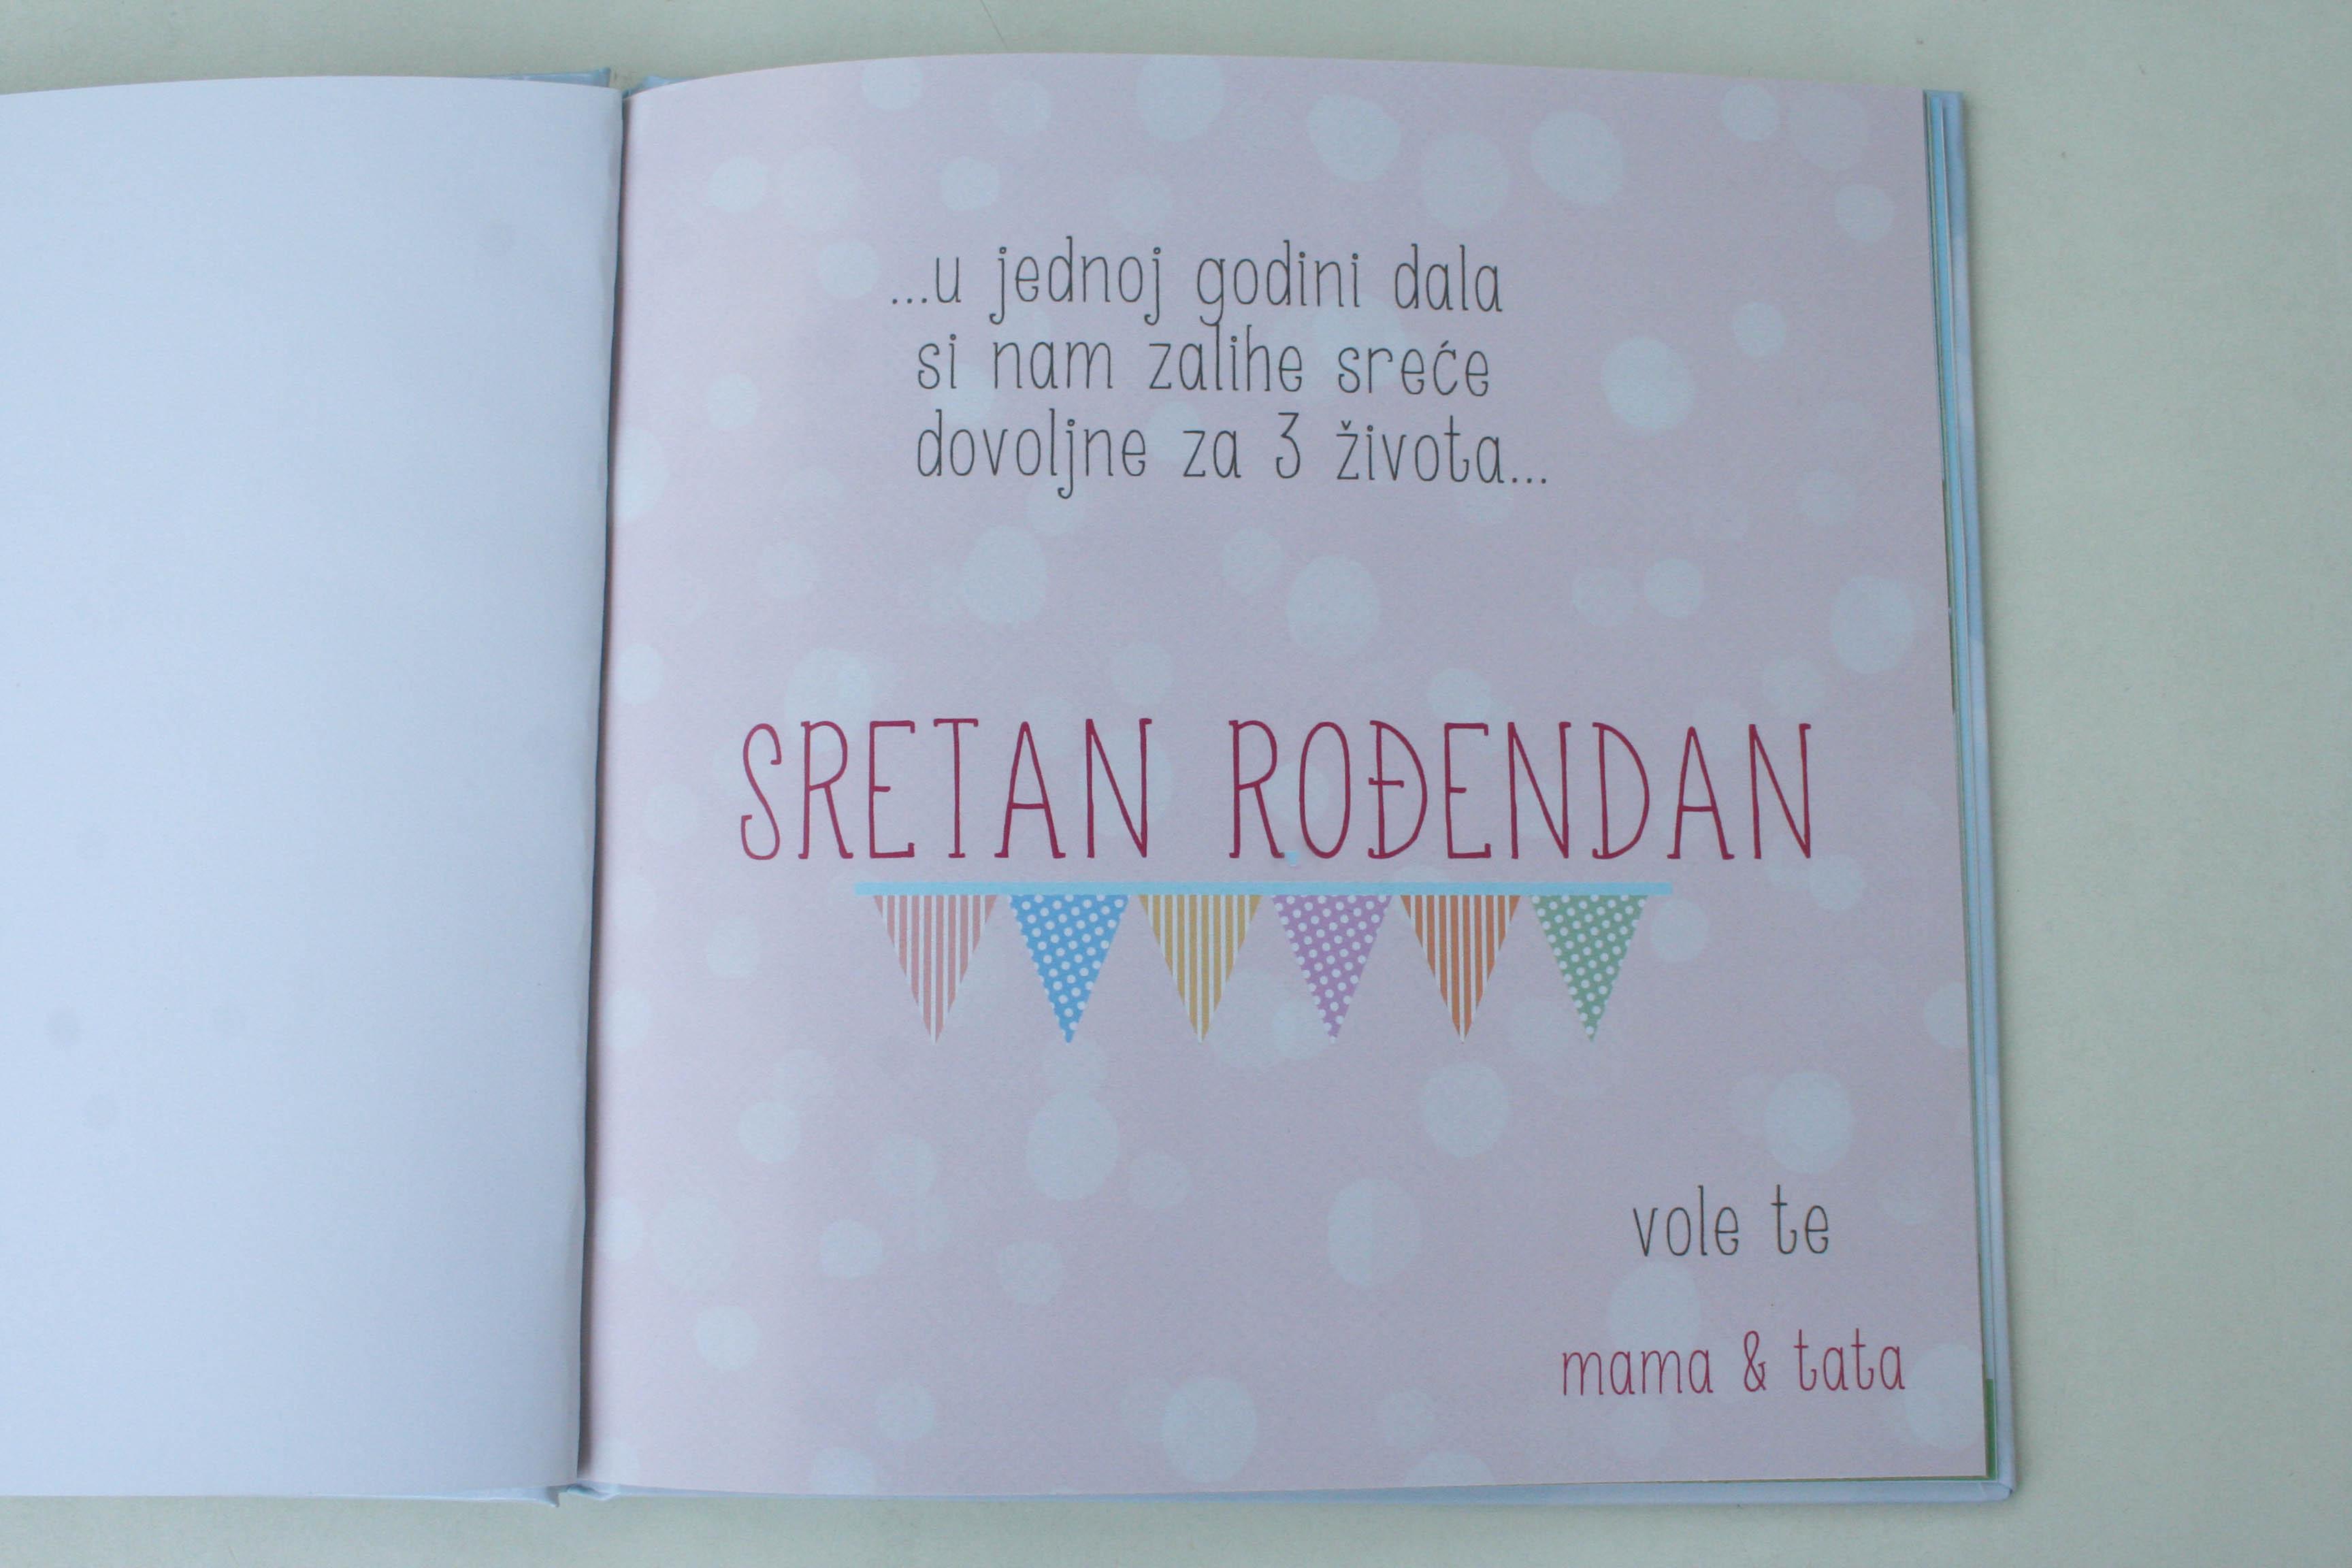 posveta za rođendan u knjizi Slikovnica za 1. rođendan | Mala Radionica Mašte posveta za rođendan u knjizi